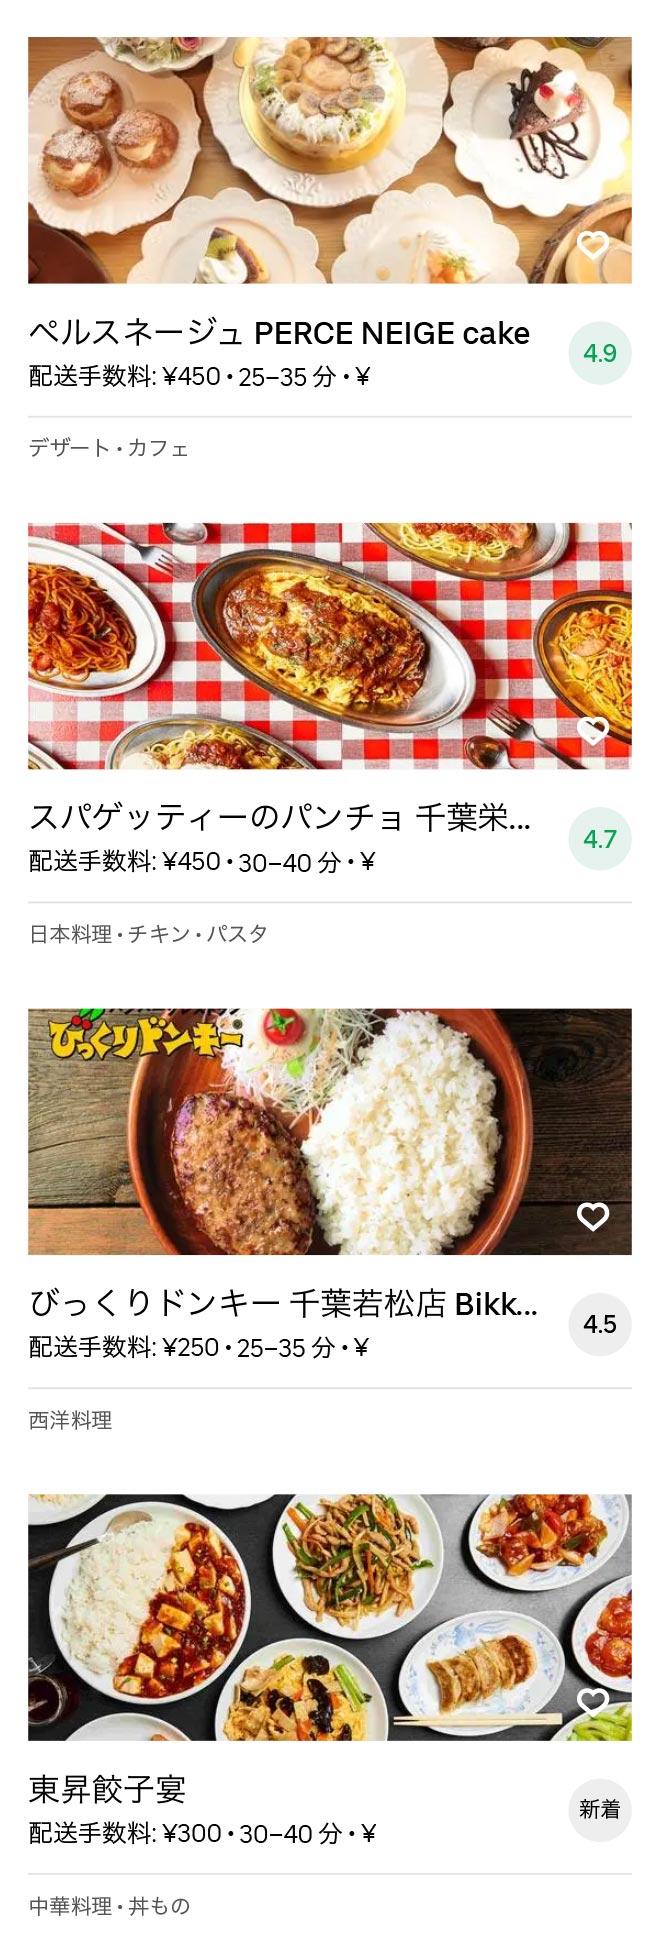 Tsuga menu 2010 09